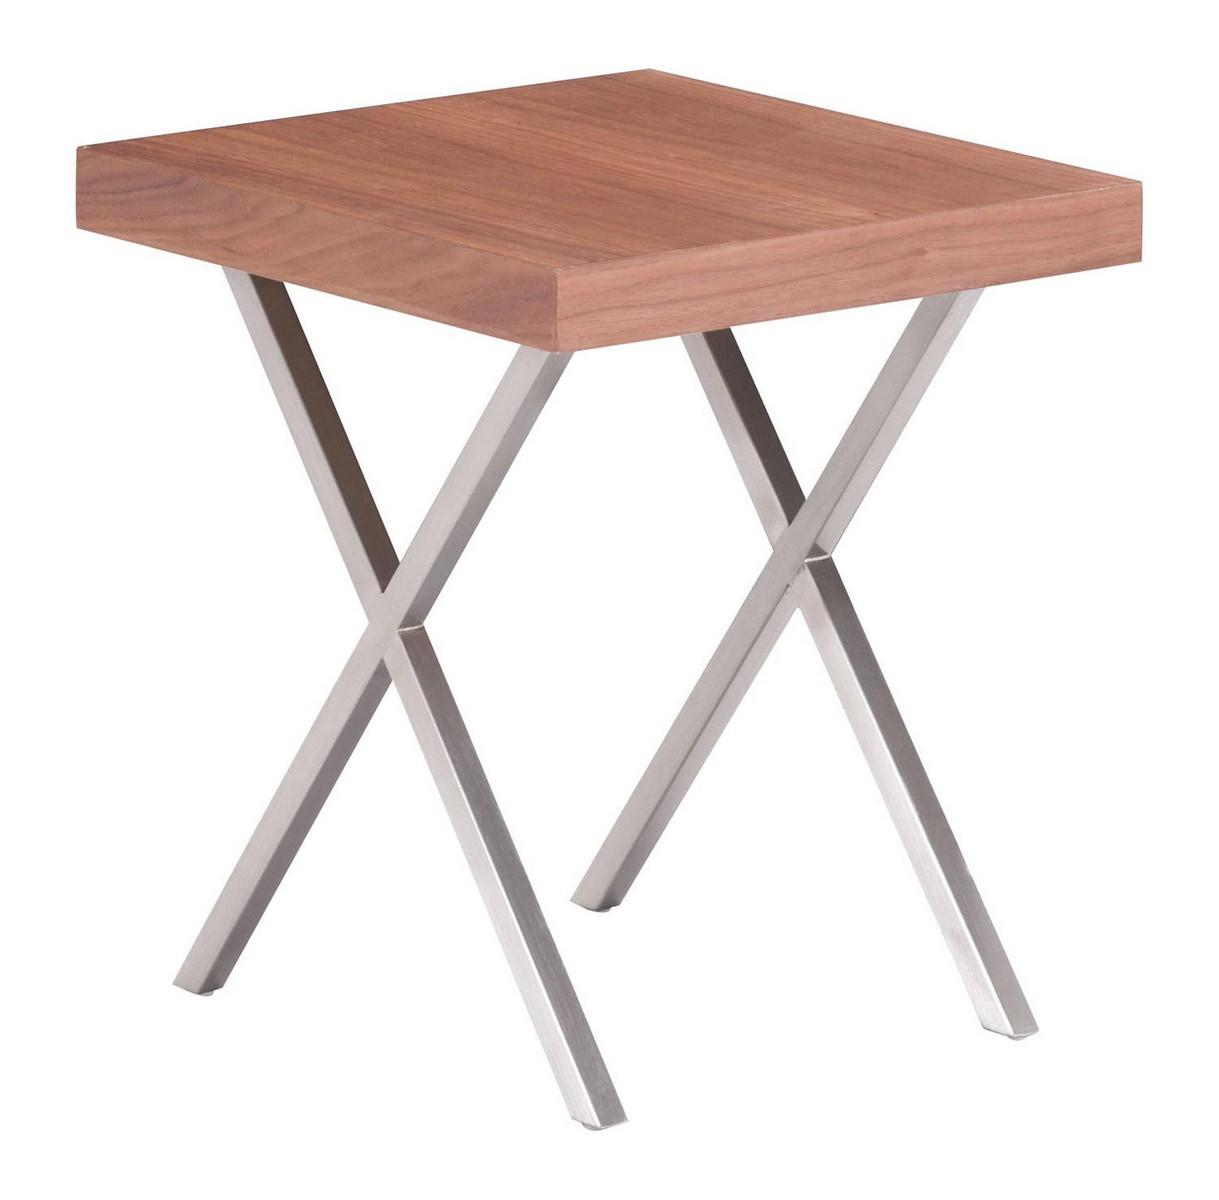 Zuo Modern Renmen Side Table - Walnut